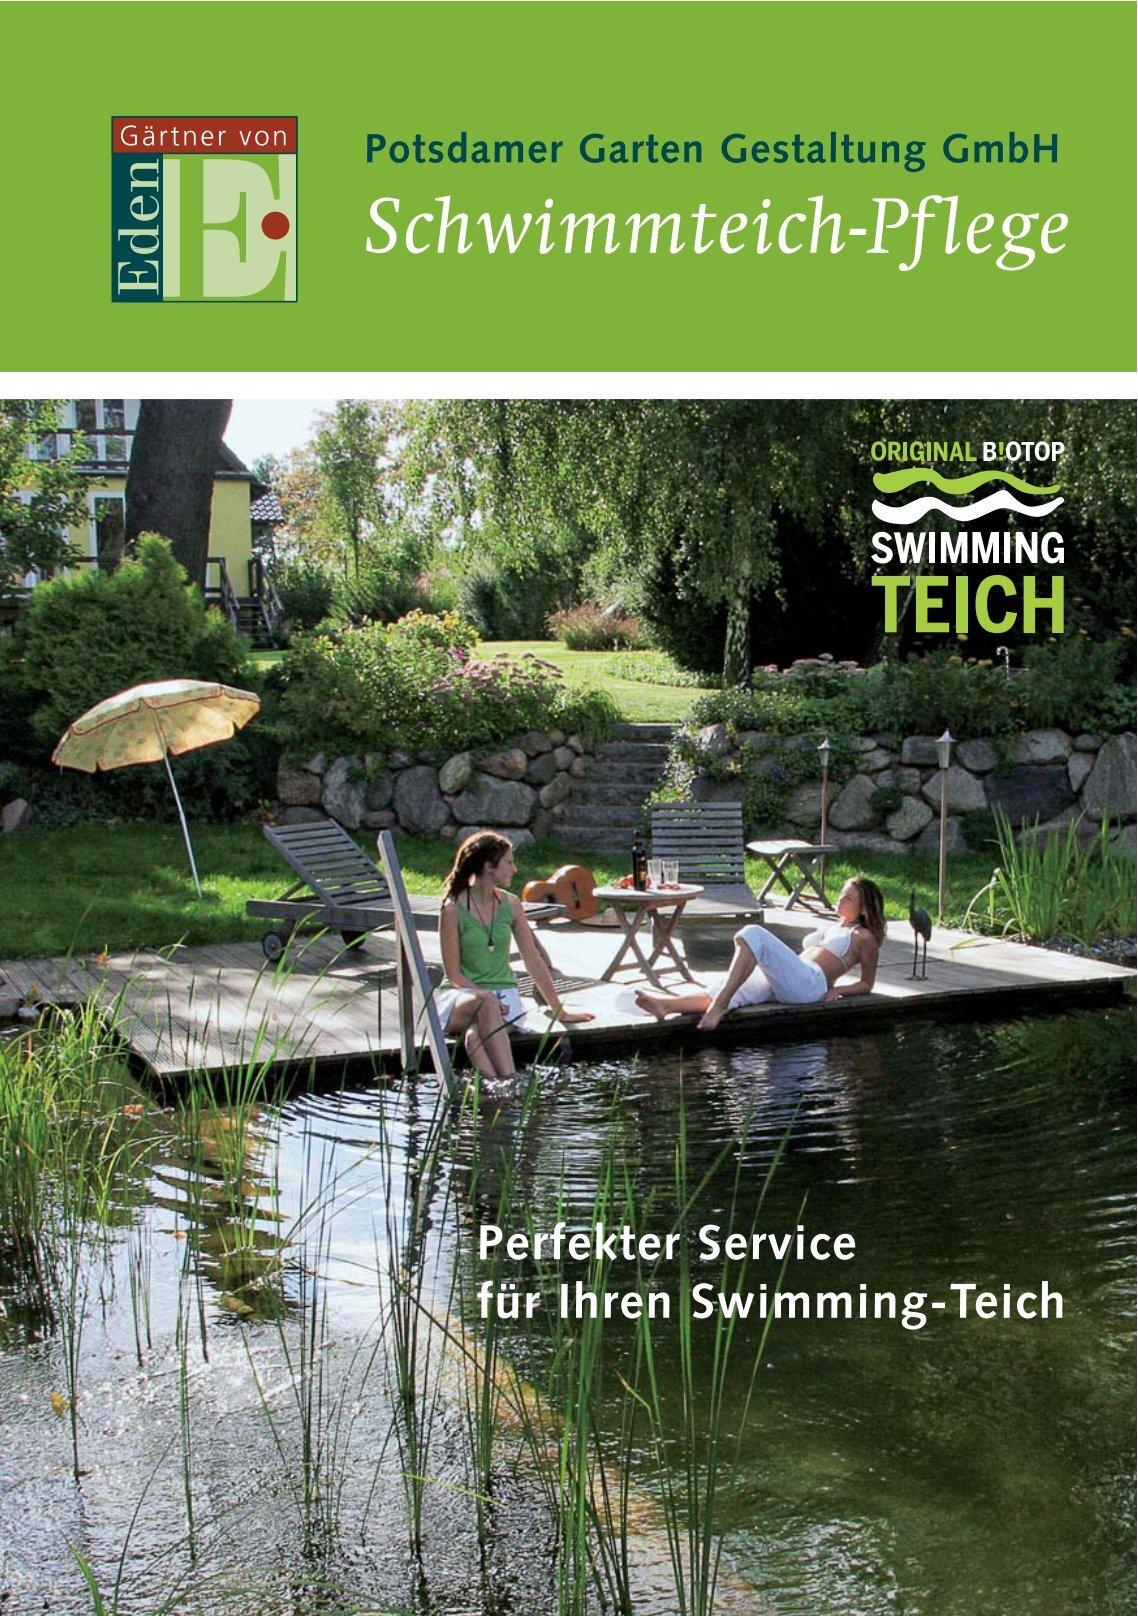 Potsdamer Gartengestaltung, 2 free magazines from potsdamer.gaerten.de, Design ideen